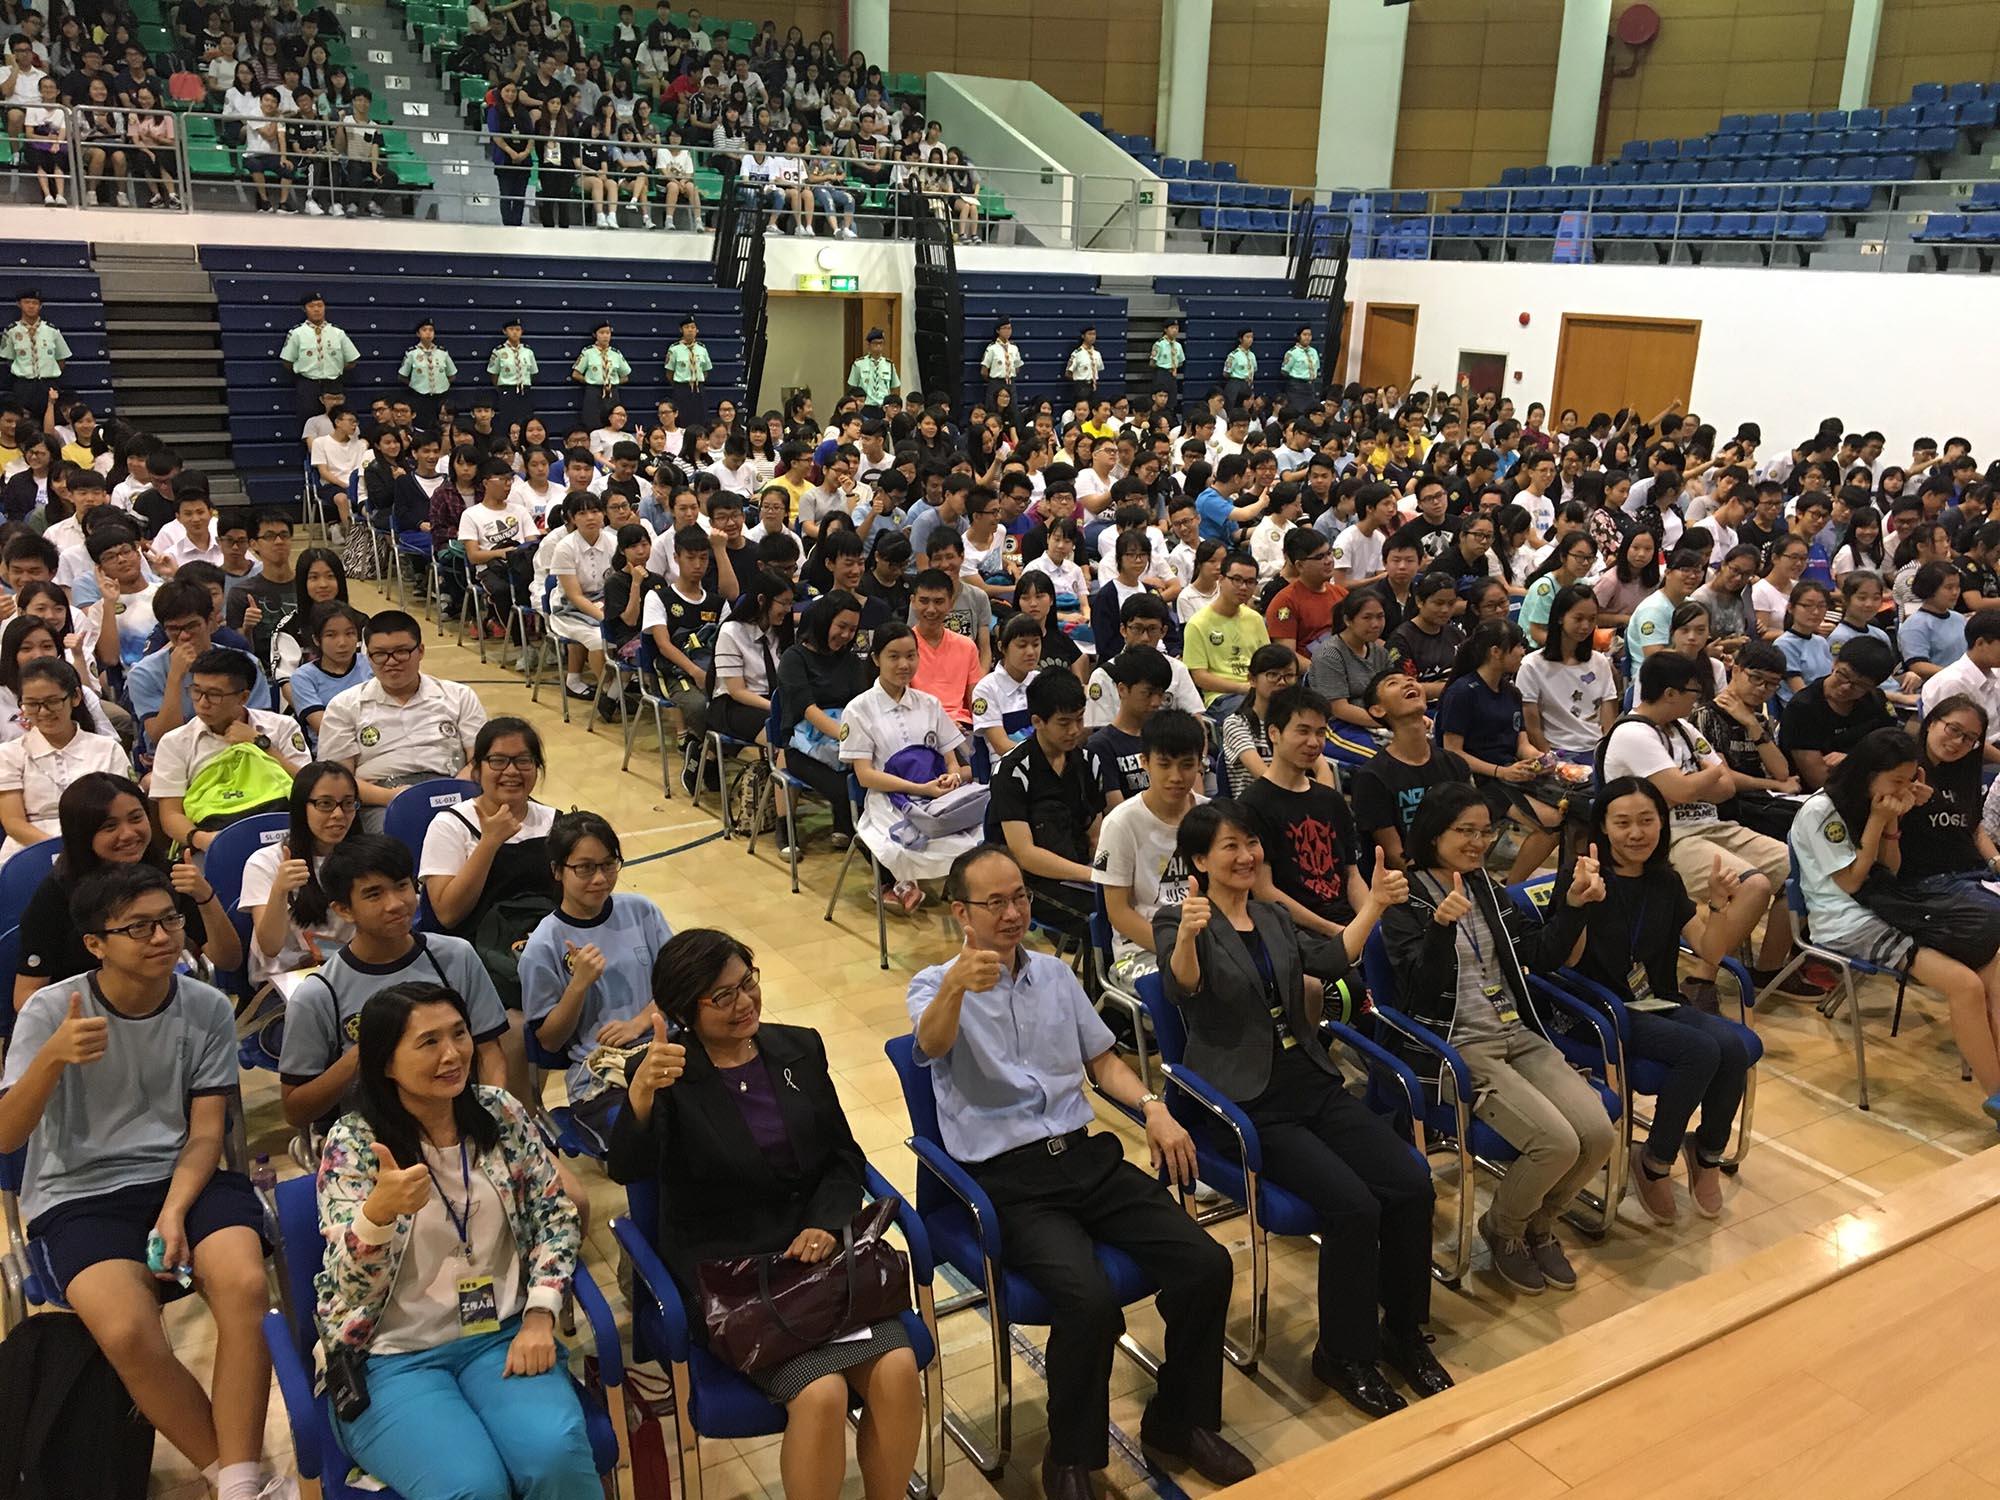 逾1400名學生參與